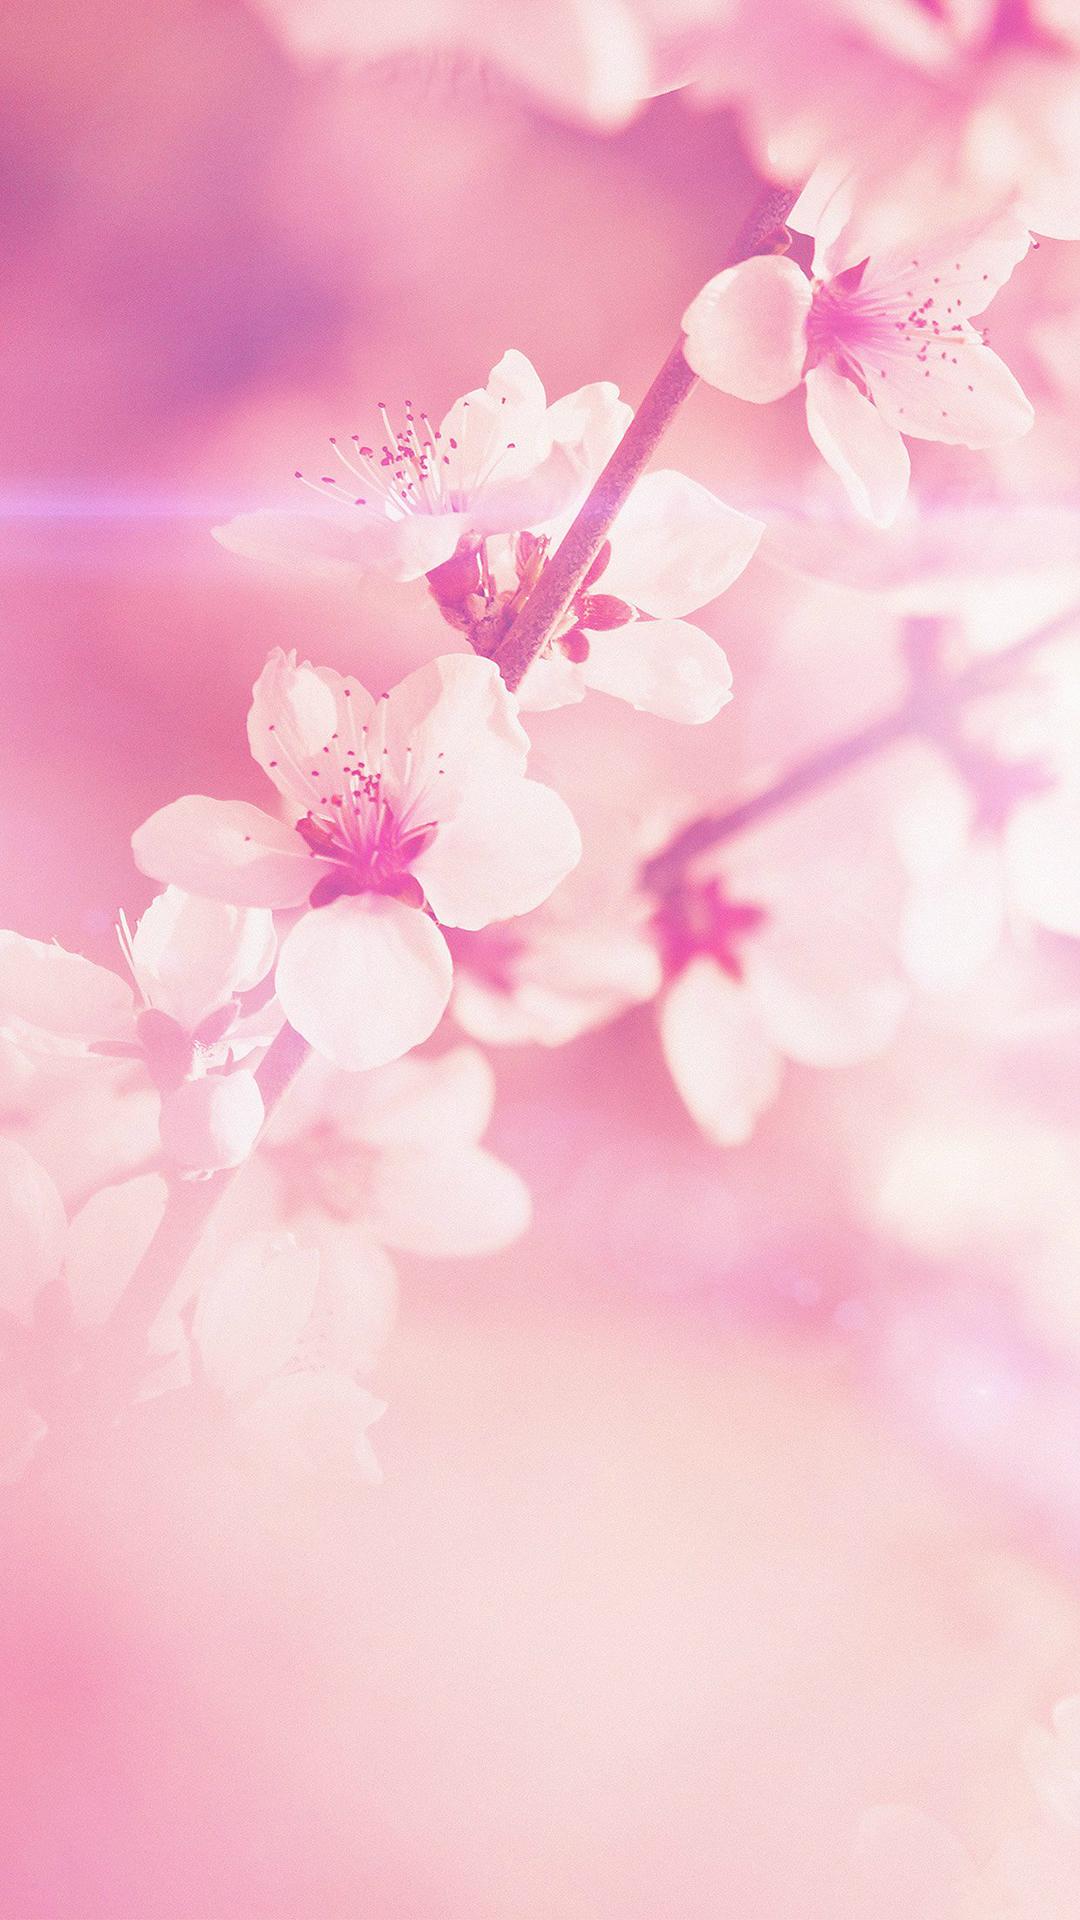 Light Pink IPhone Wallpaper HD